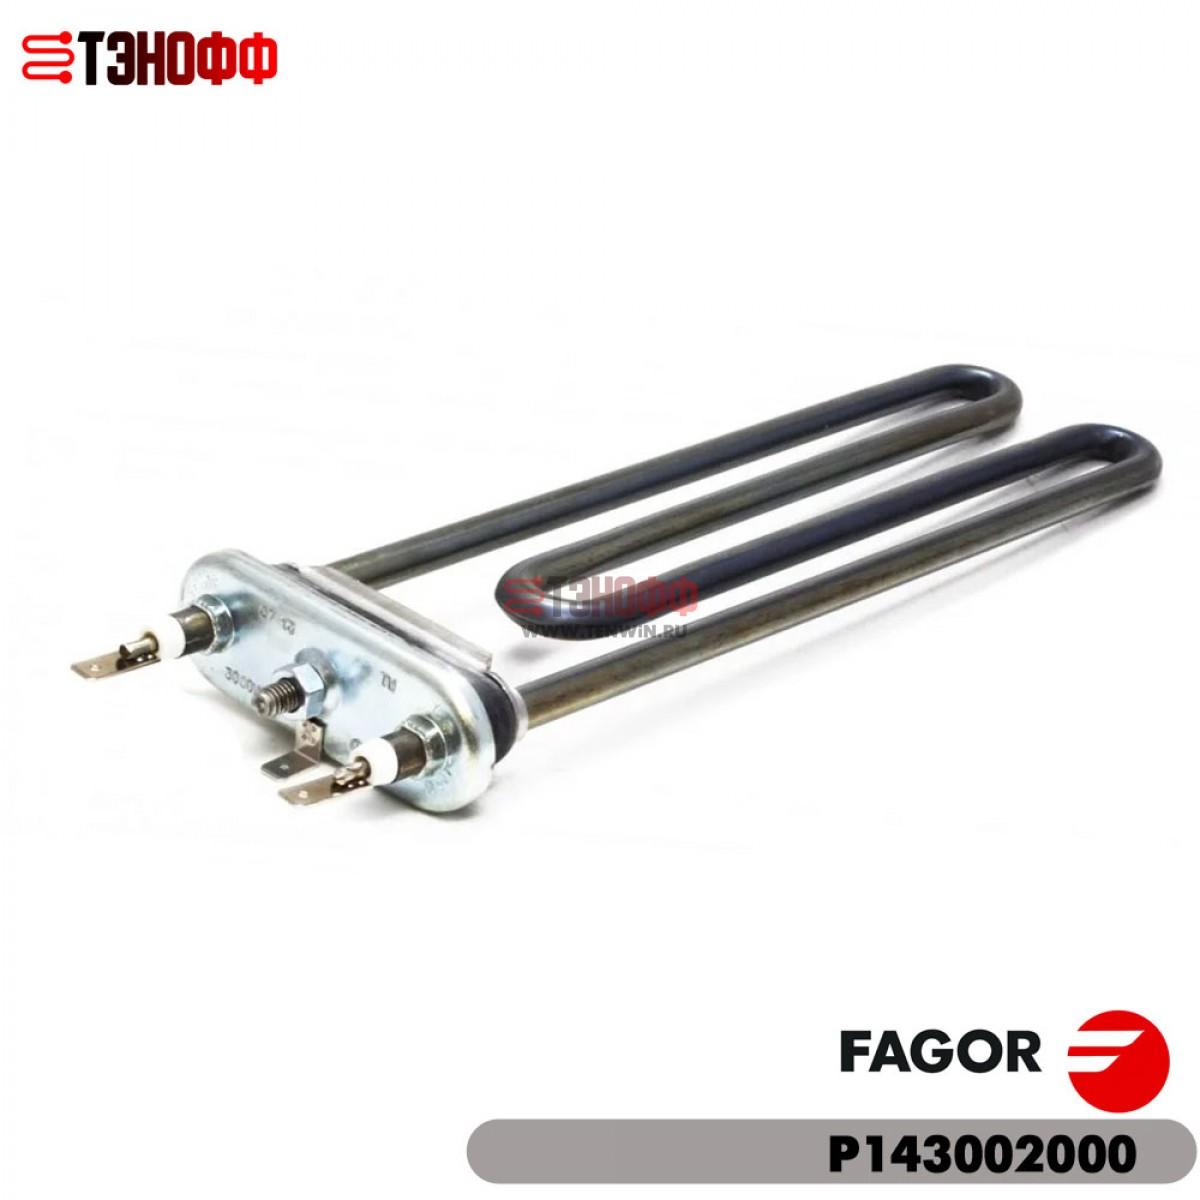 ТЭН 3 кВт для промышленных стиральных машин Fagor / Фагор